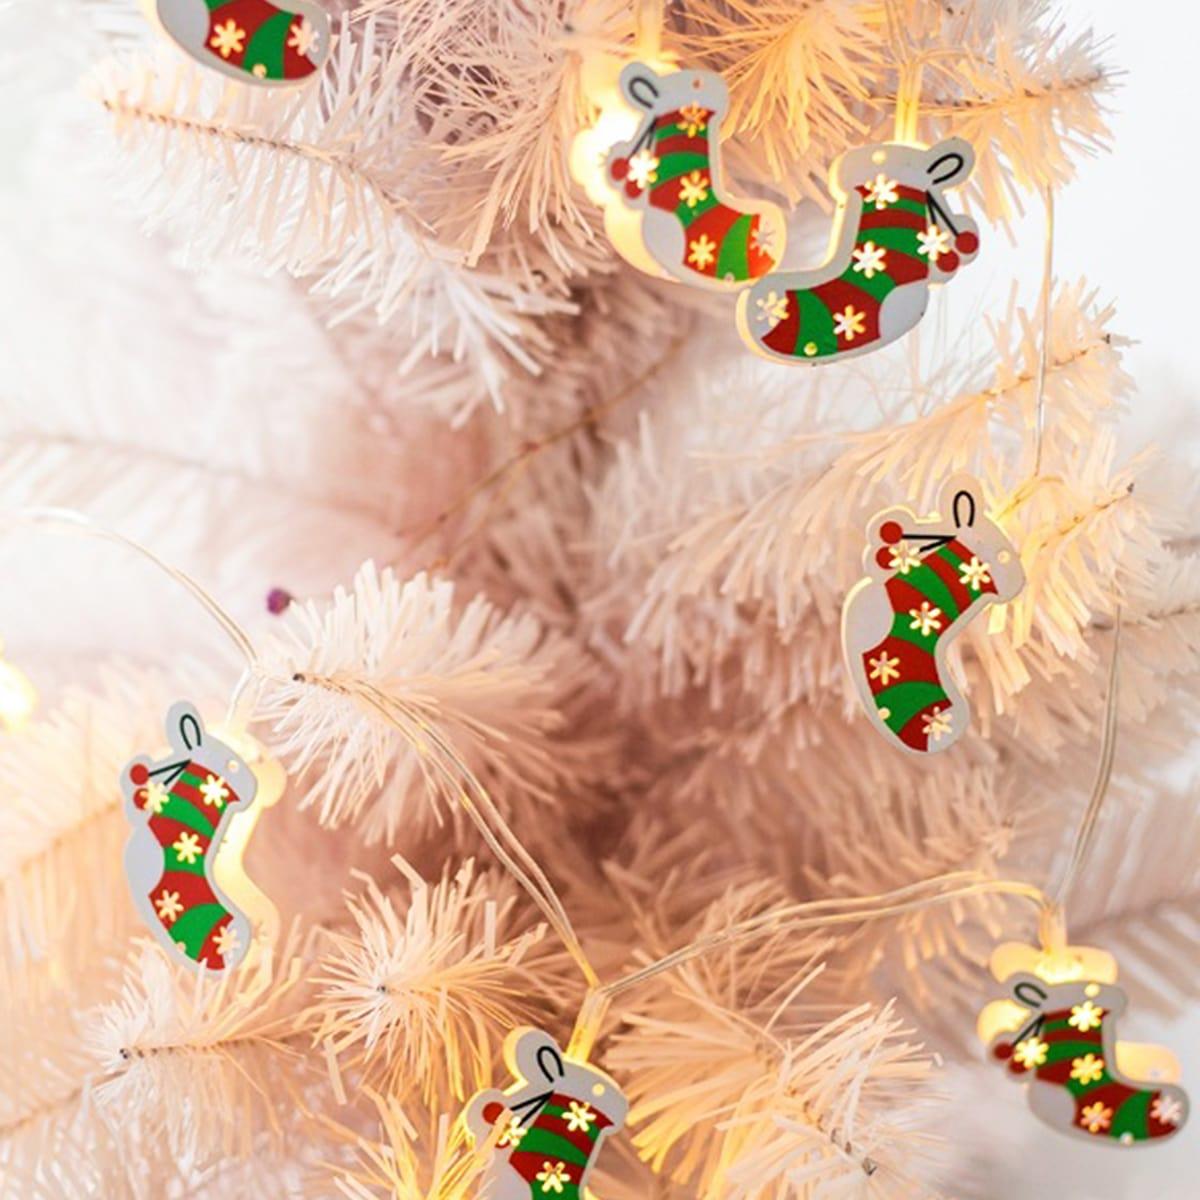 10st Christmas Stocking Bulb String Light